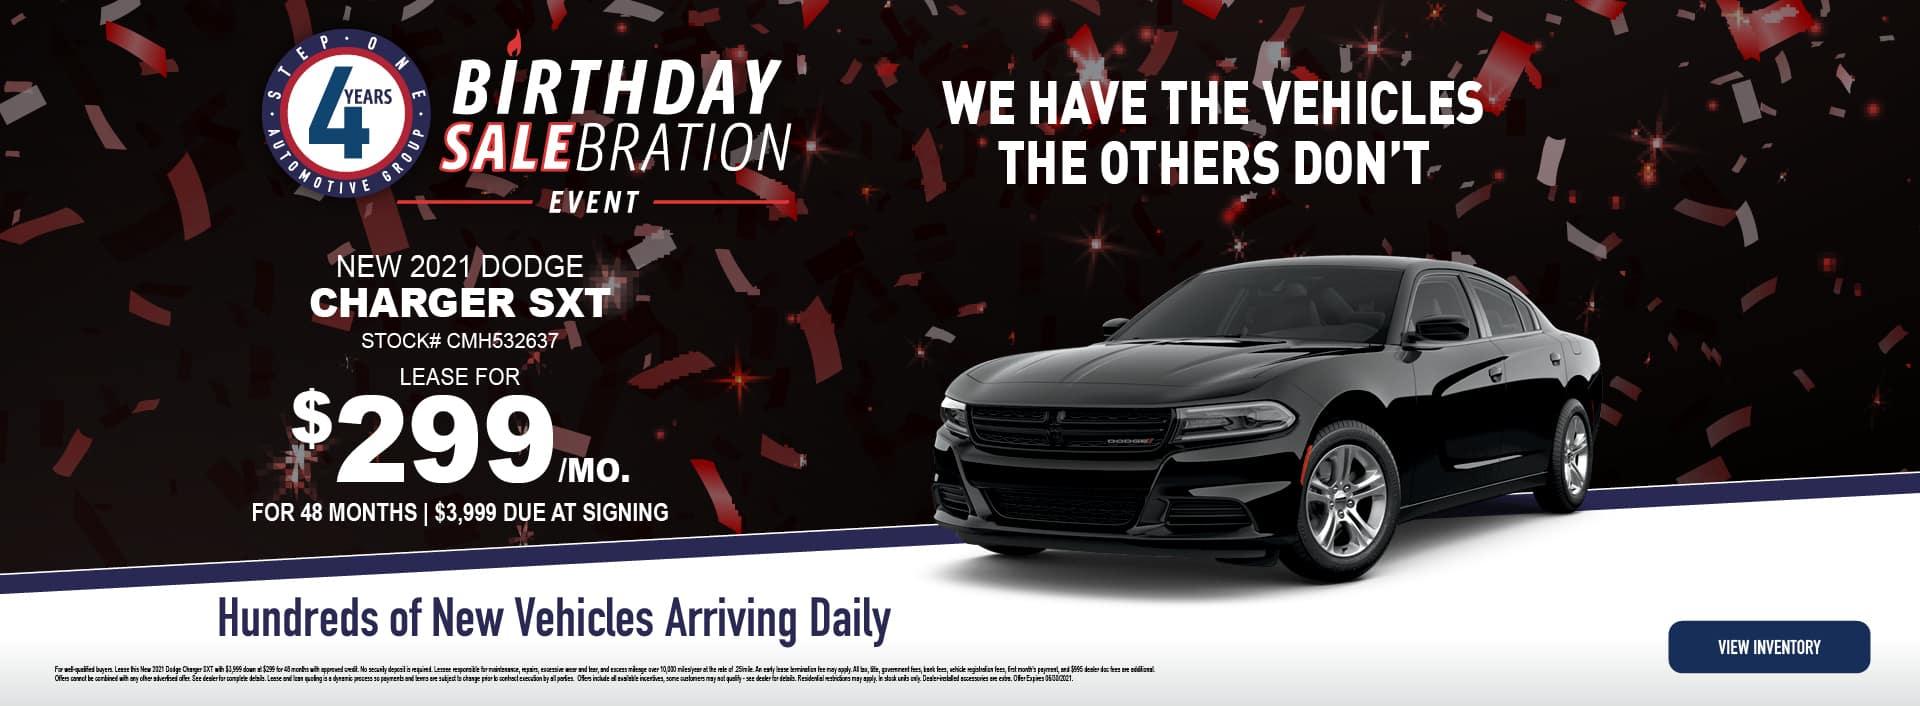 CDJRC_WB_BirthdayOffers_JUNE21_224512